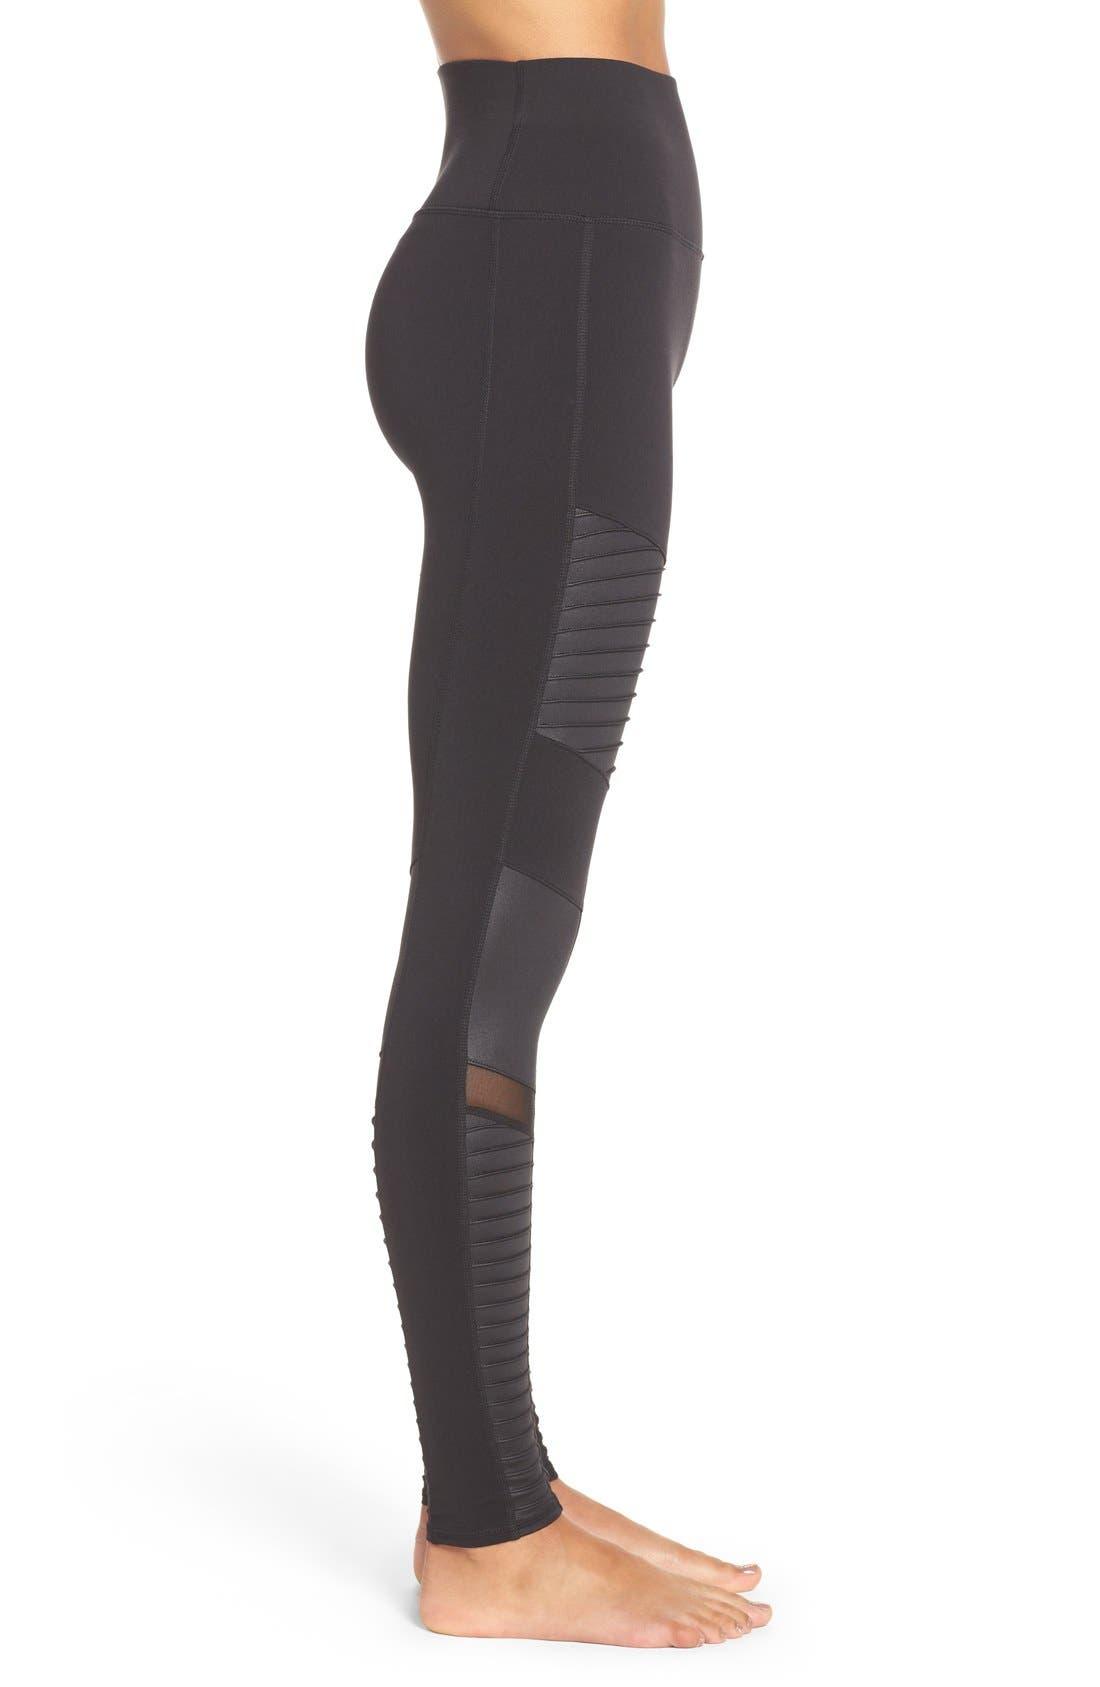 High Waist Moto Leggings,                             Alternate thumbnail 3, color,                             BLACK/ BLACK GLOSSY